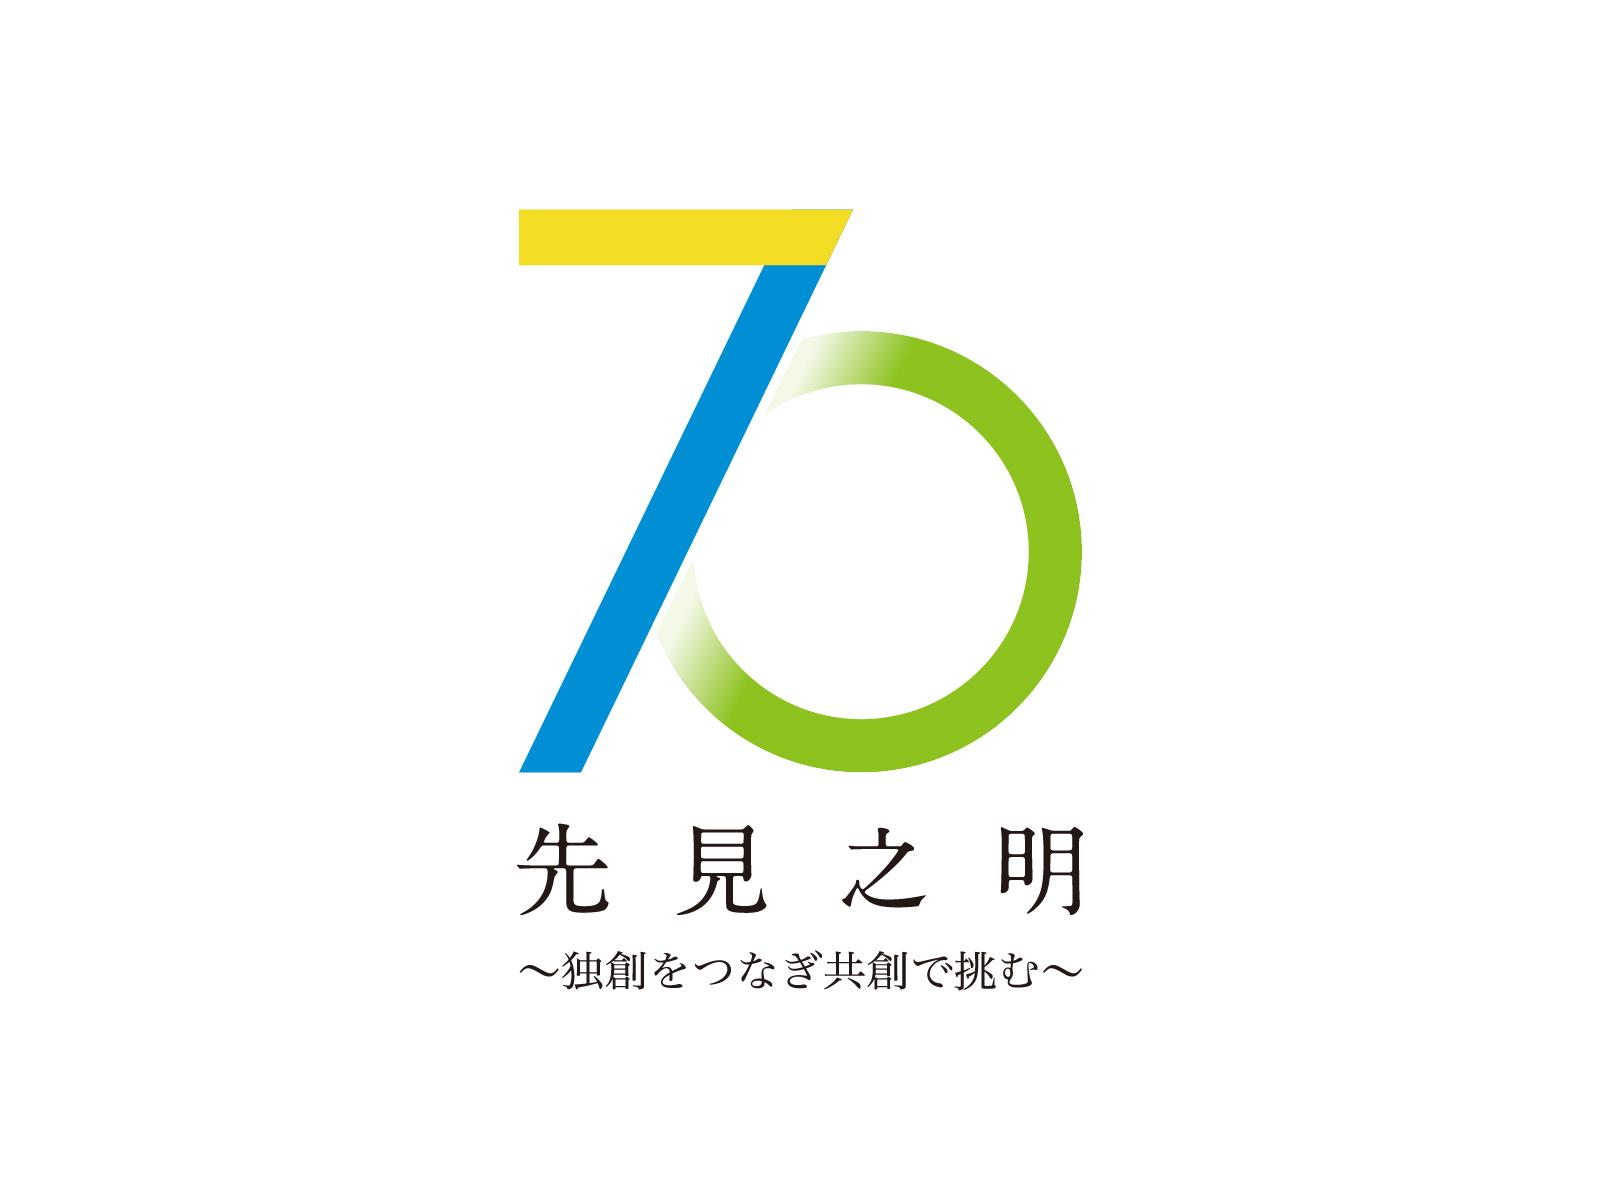 一般社団法人西宮青年会議所  2020年度ロゴ